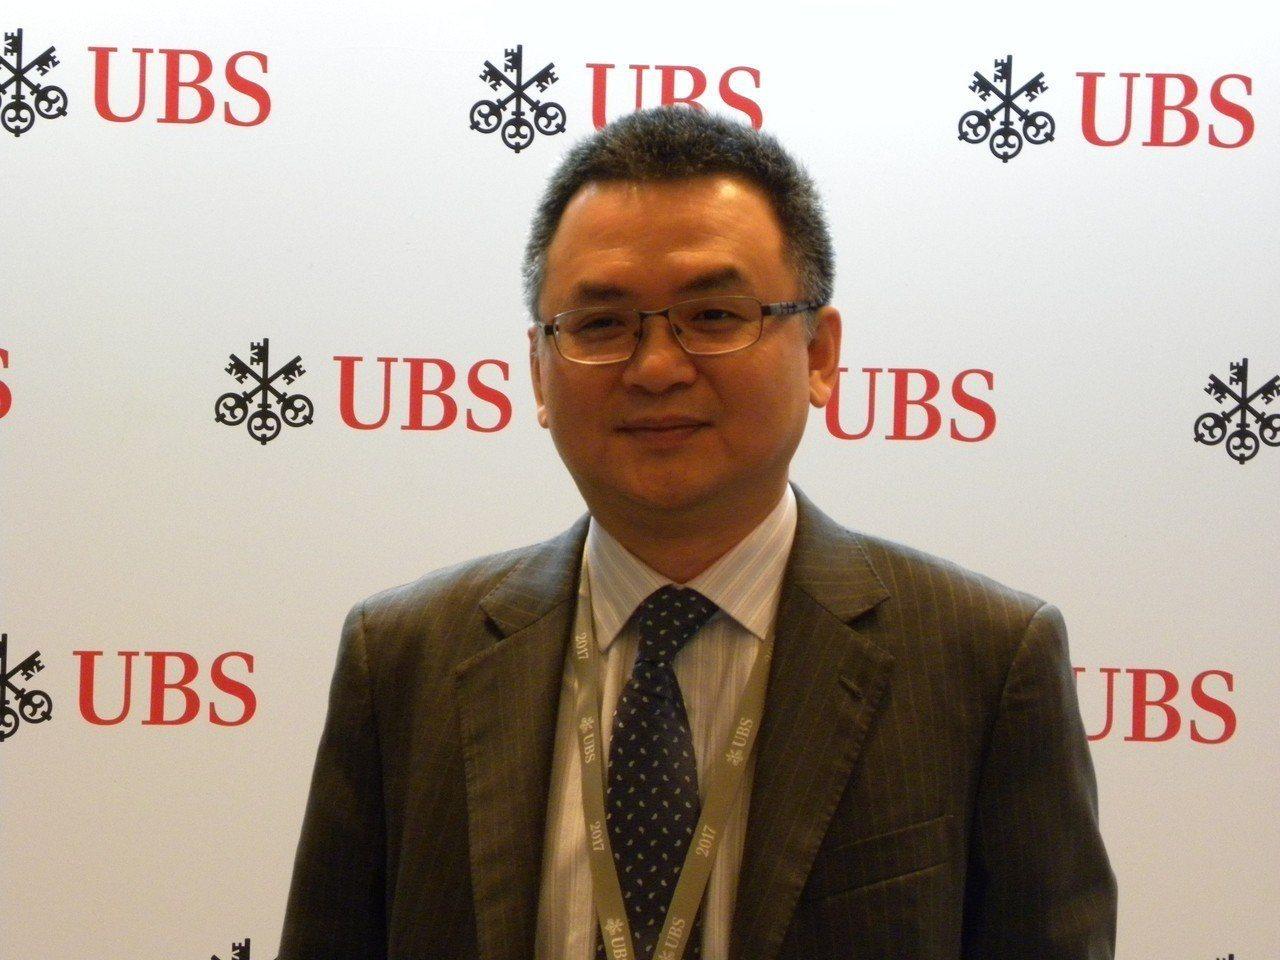 瑞銀證券中國首席策略分析師高挺。記者林則宏/攝影